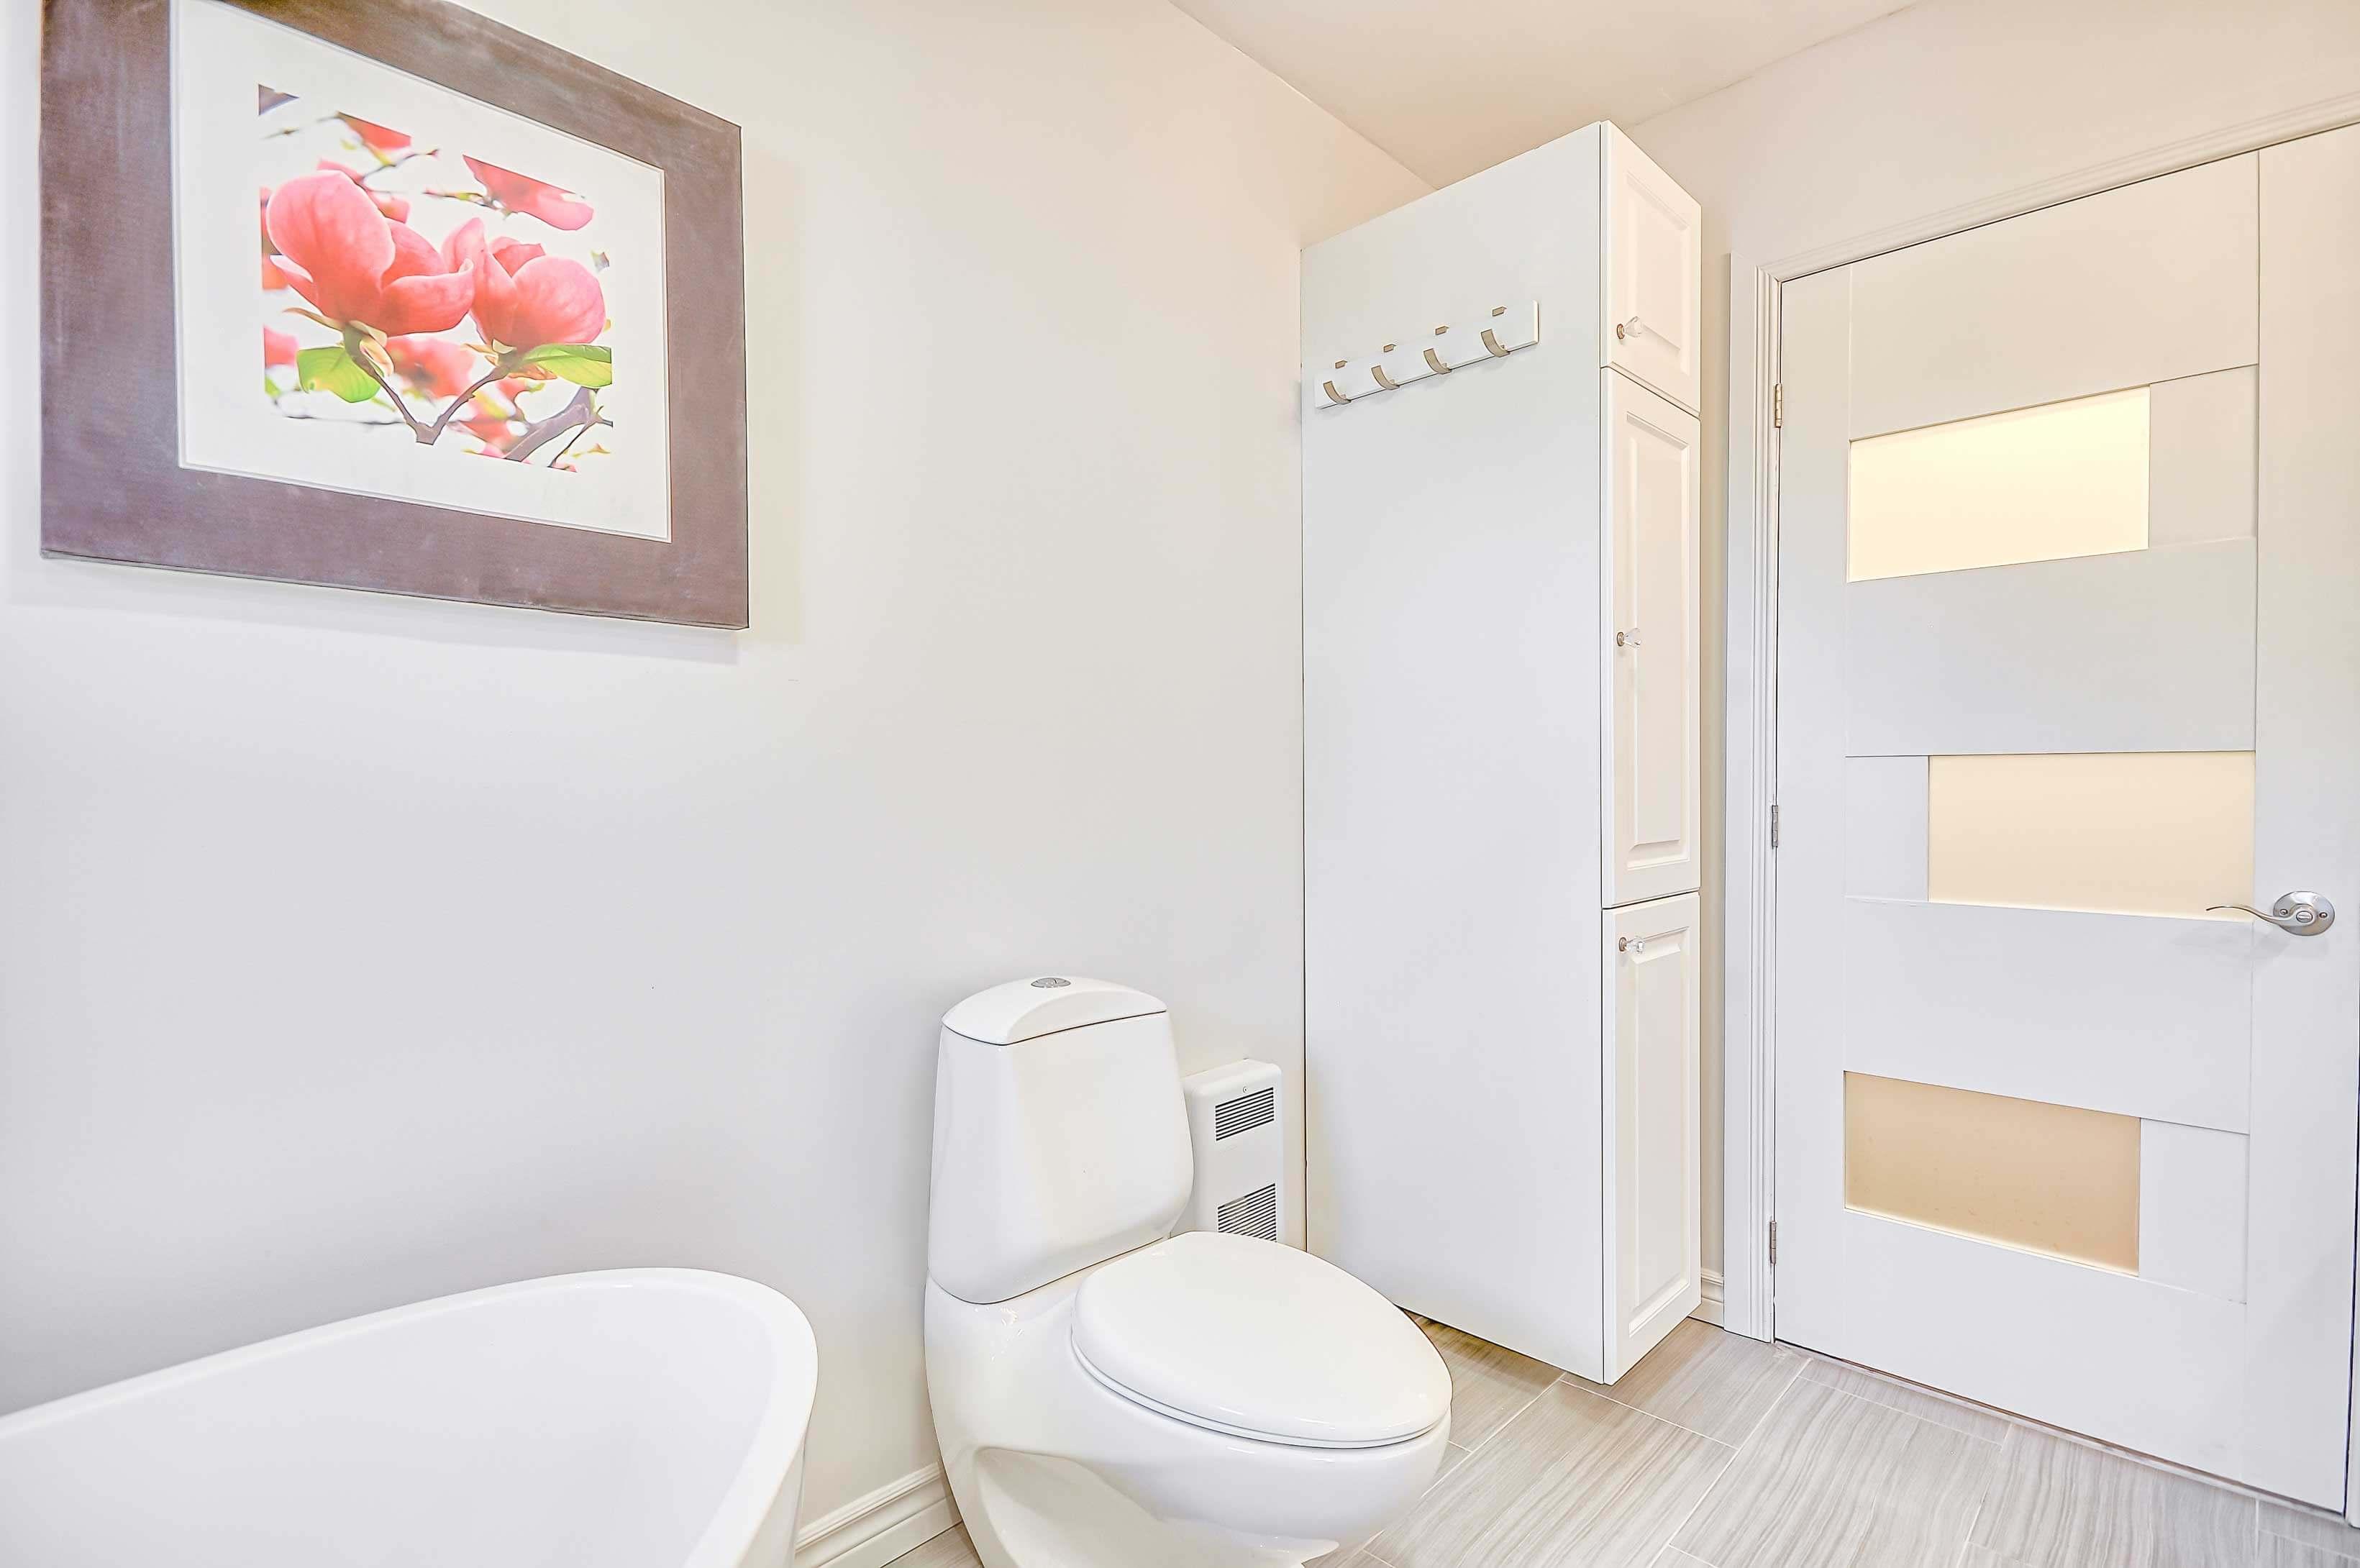 rénovation de salle de bain classique avec porte vitrée blanche